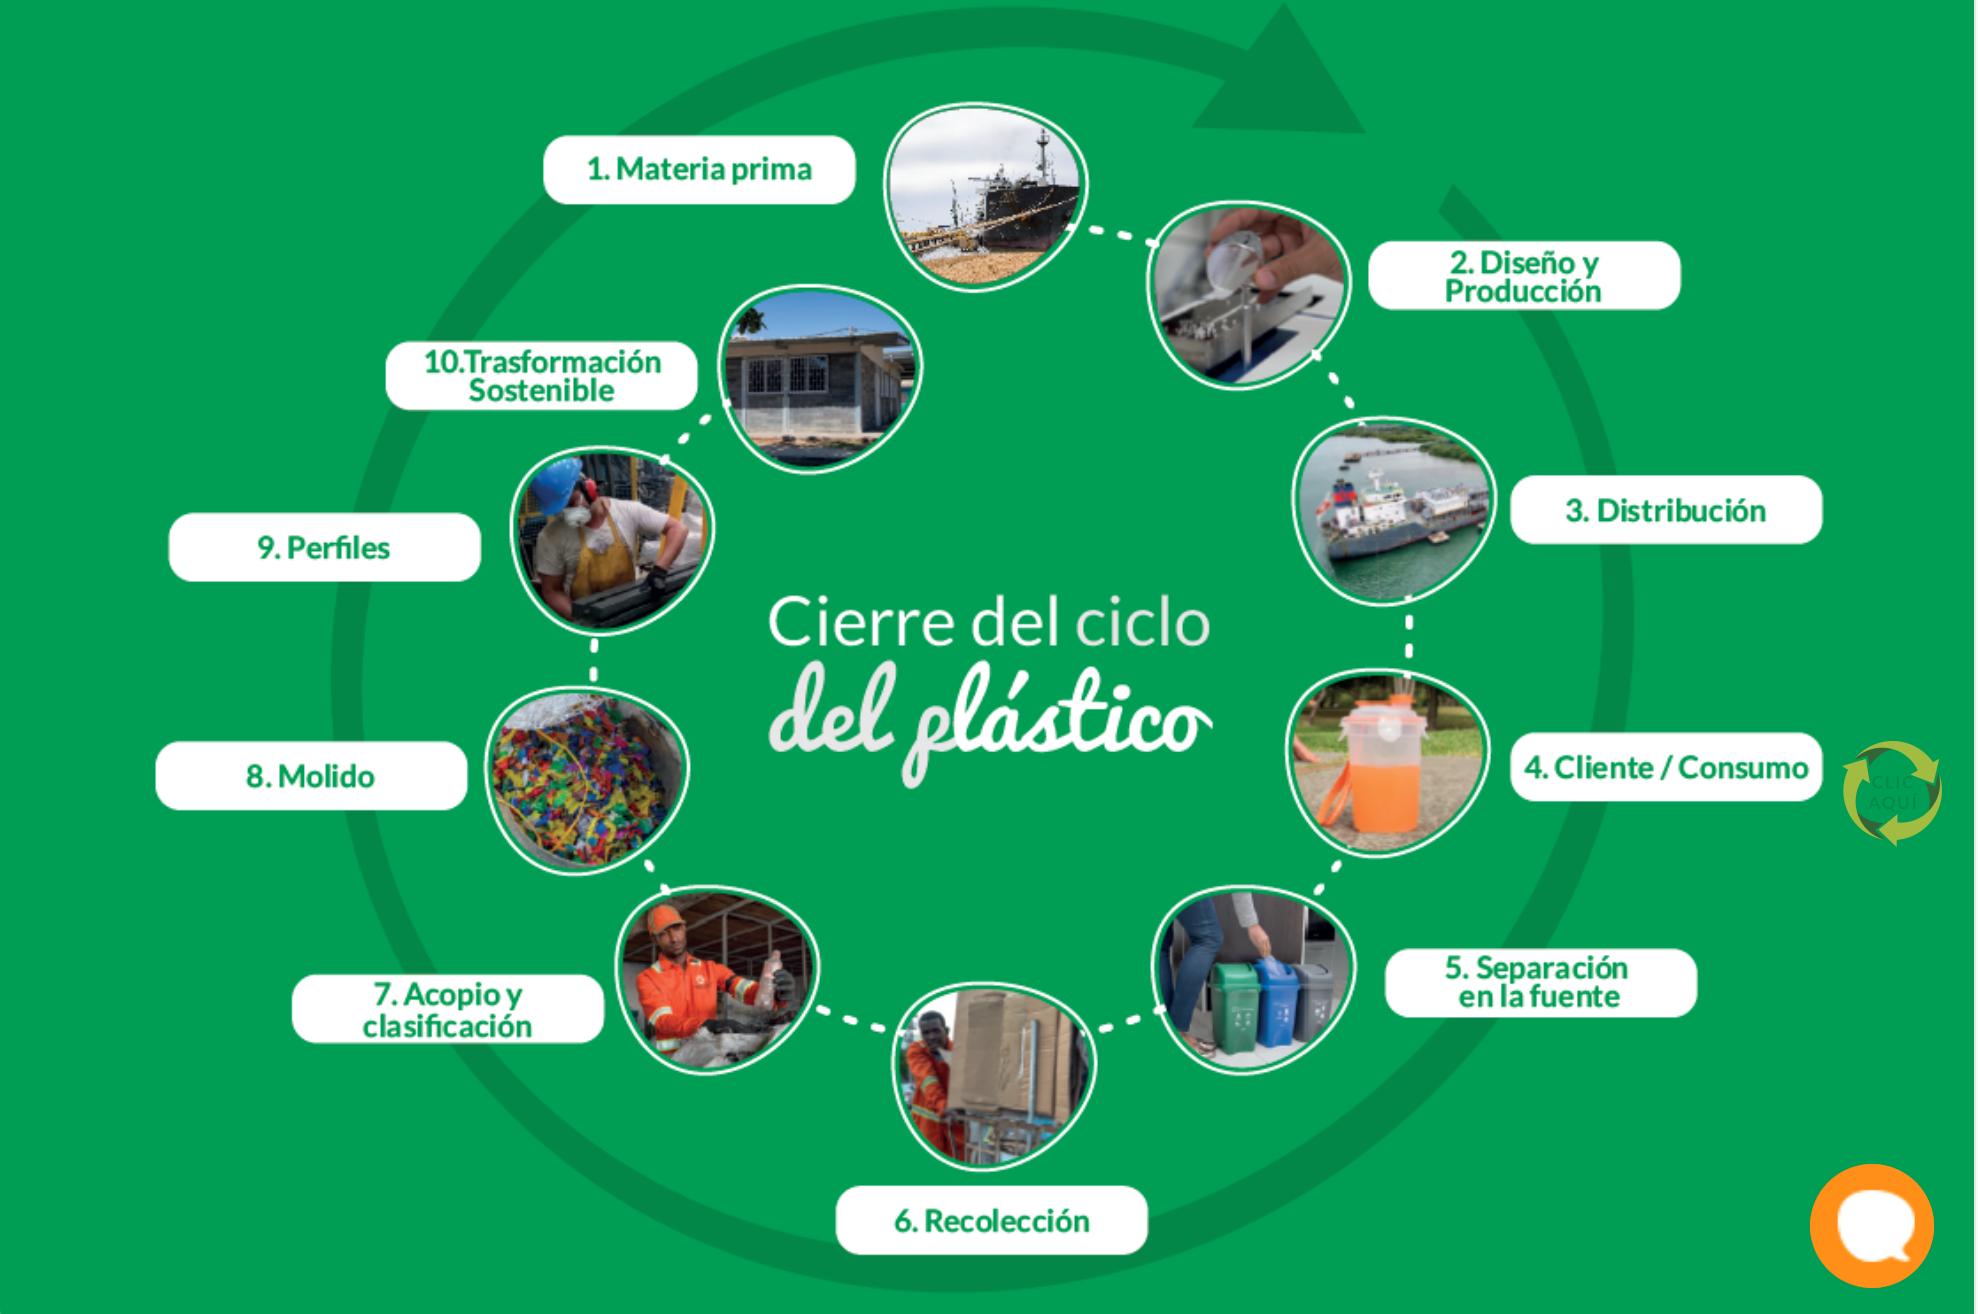 esenttia-anuncio-la-construccion-de-una-planta-sostenible-en-colombia-2-alt